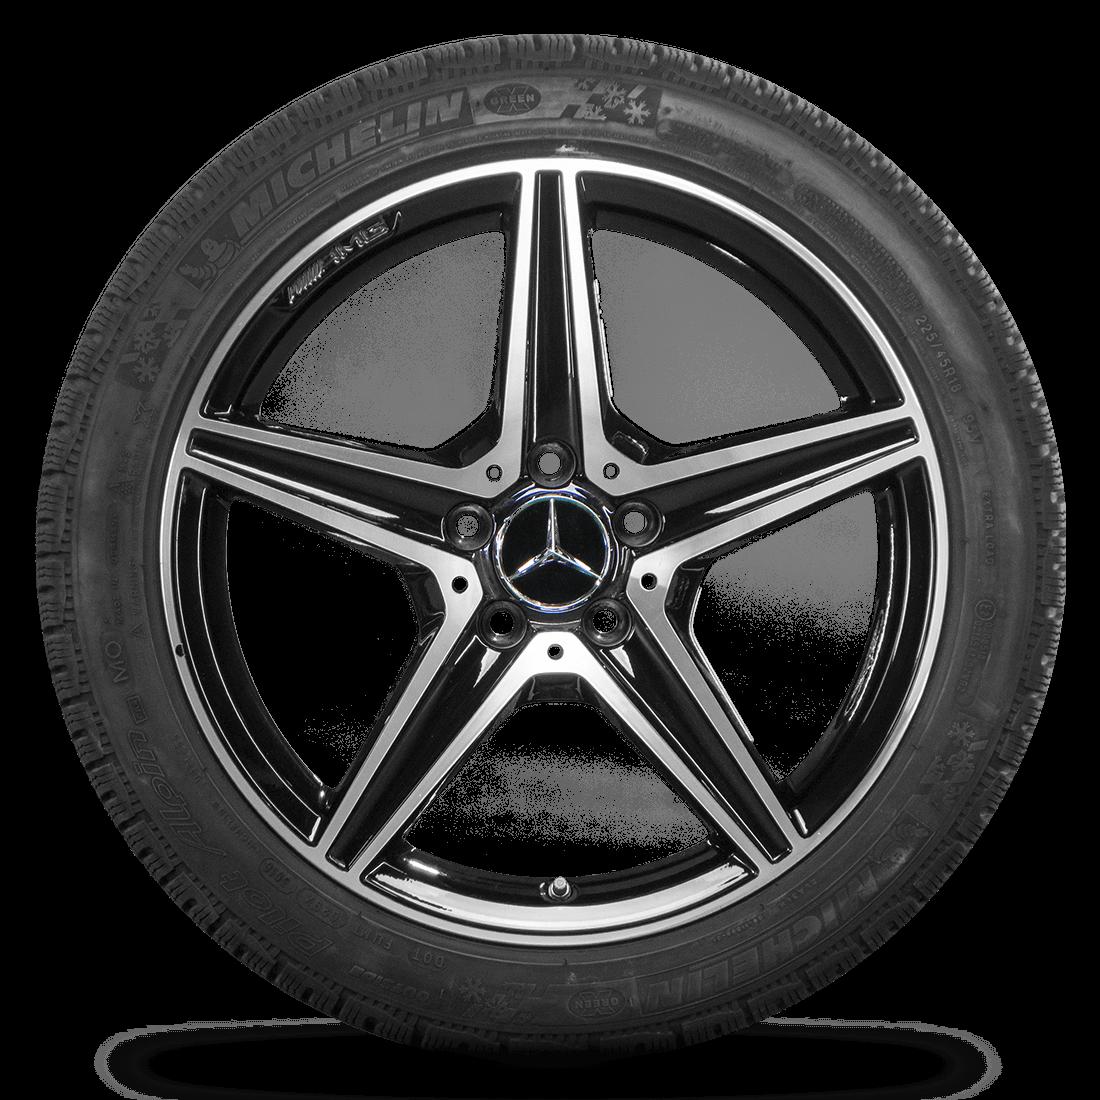 18 Zoll Mercedes C450 Sport C43 AMG Felgen Winterreifen Winterräder 6 mm